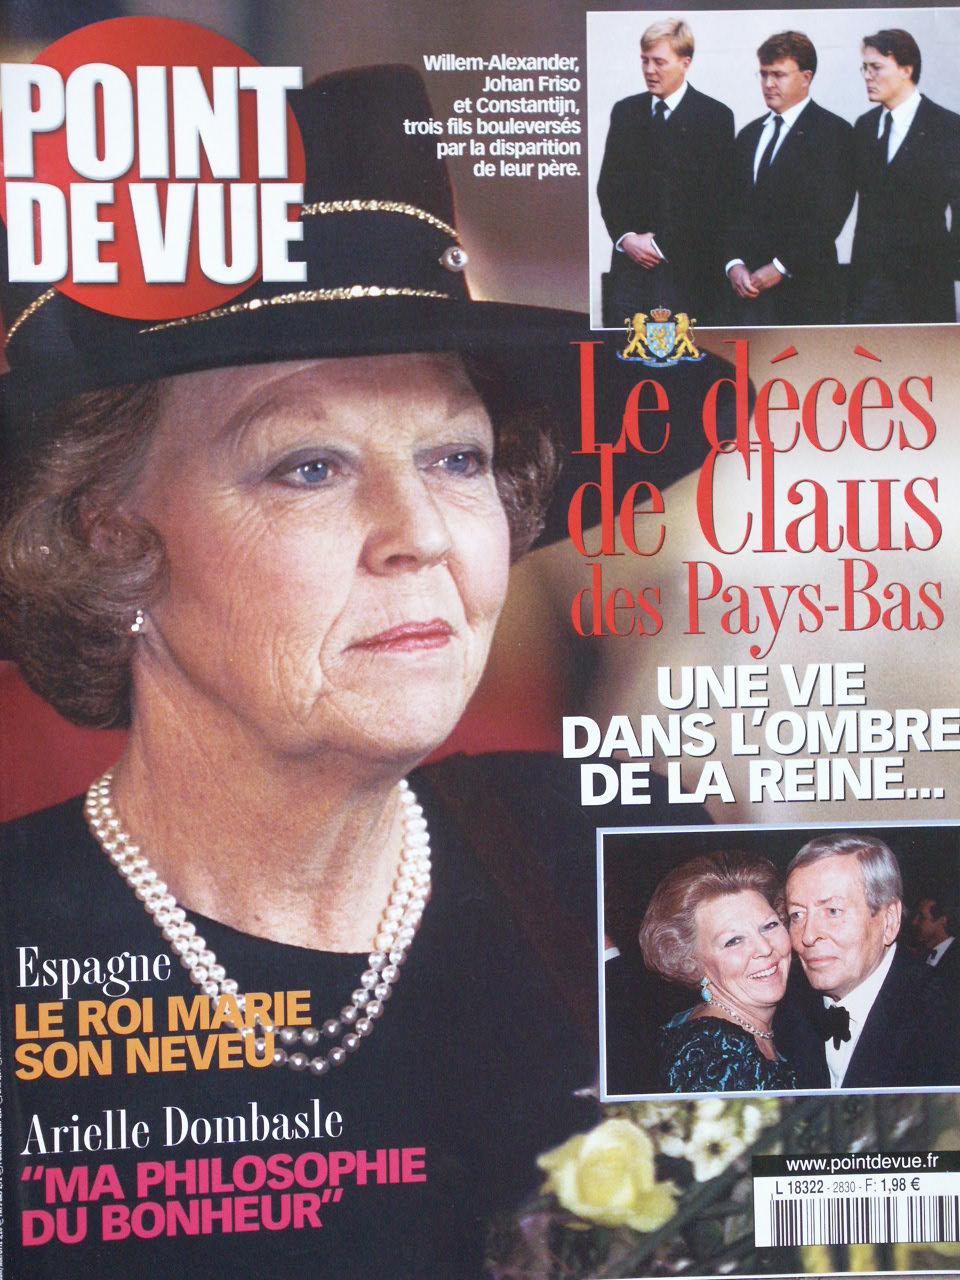 2002 Point de Vue - Oct 2002 - Couv..JPG